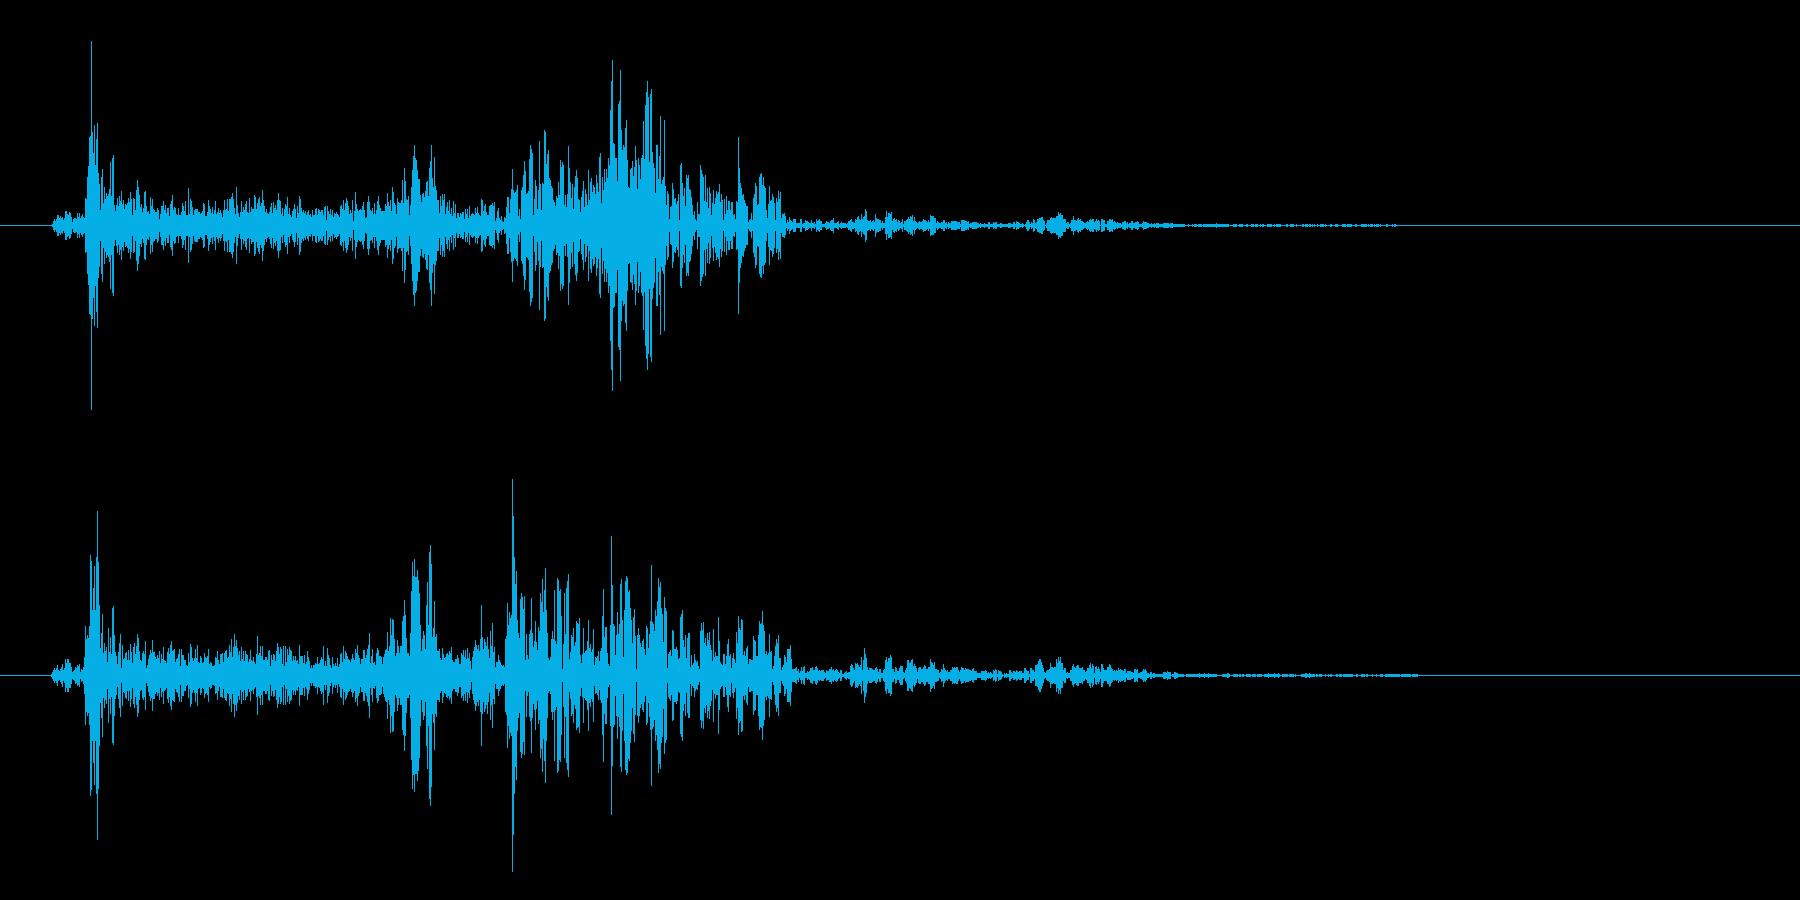 紙を1枚めくるときに出る音の再生済みの波形